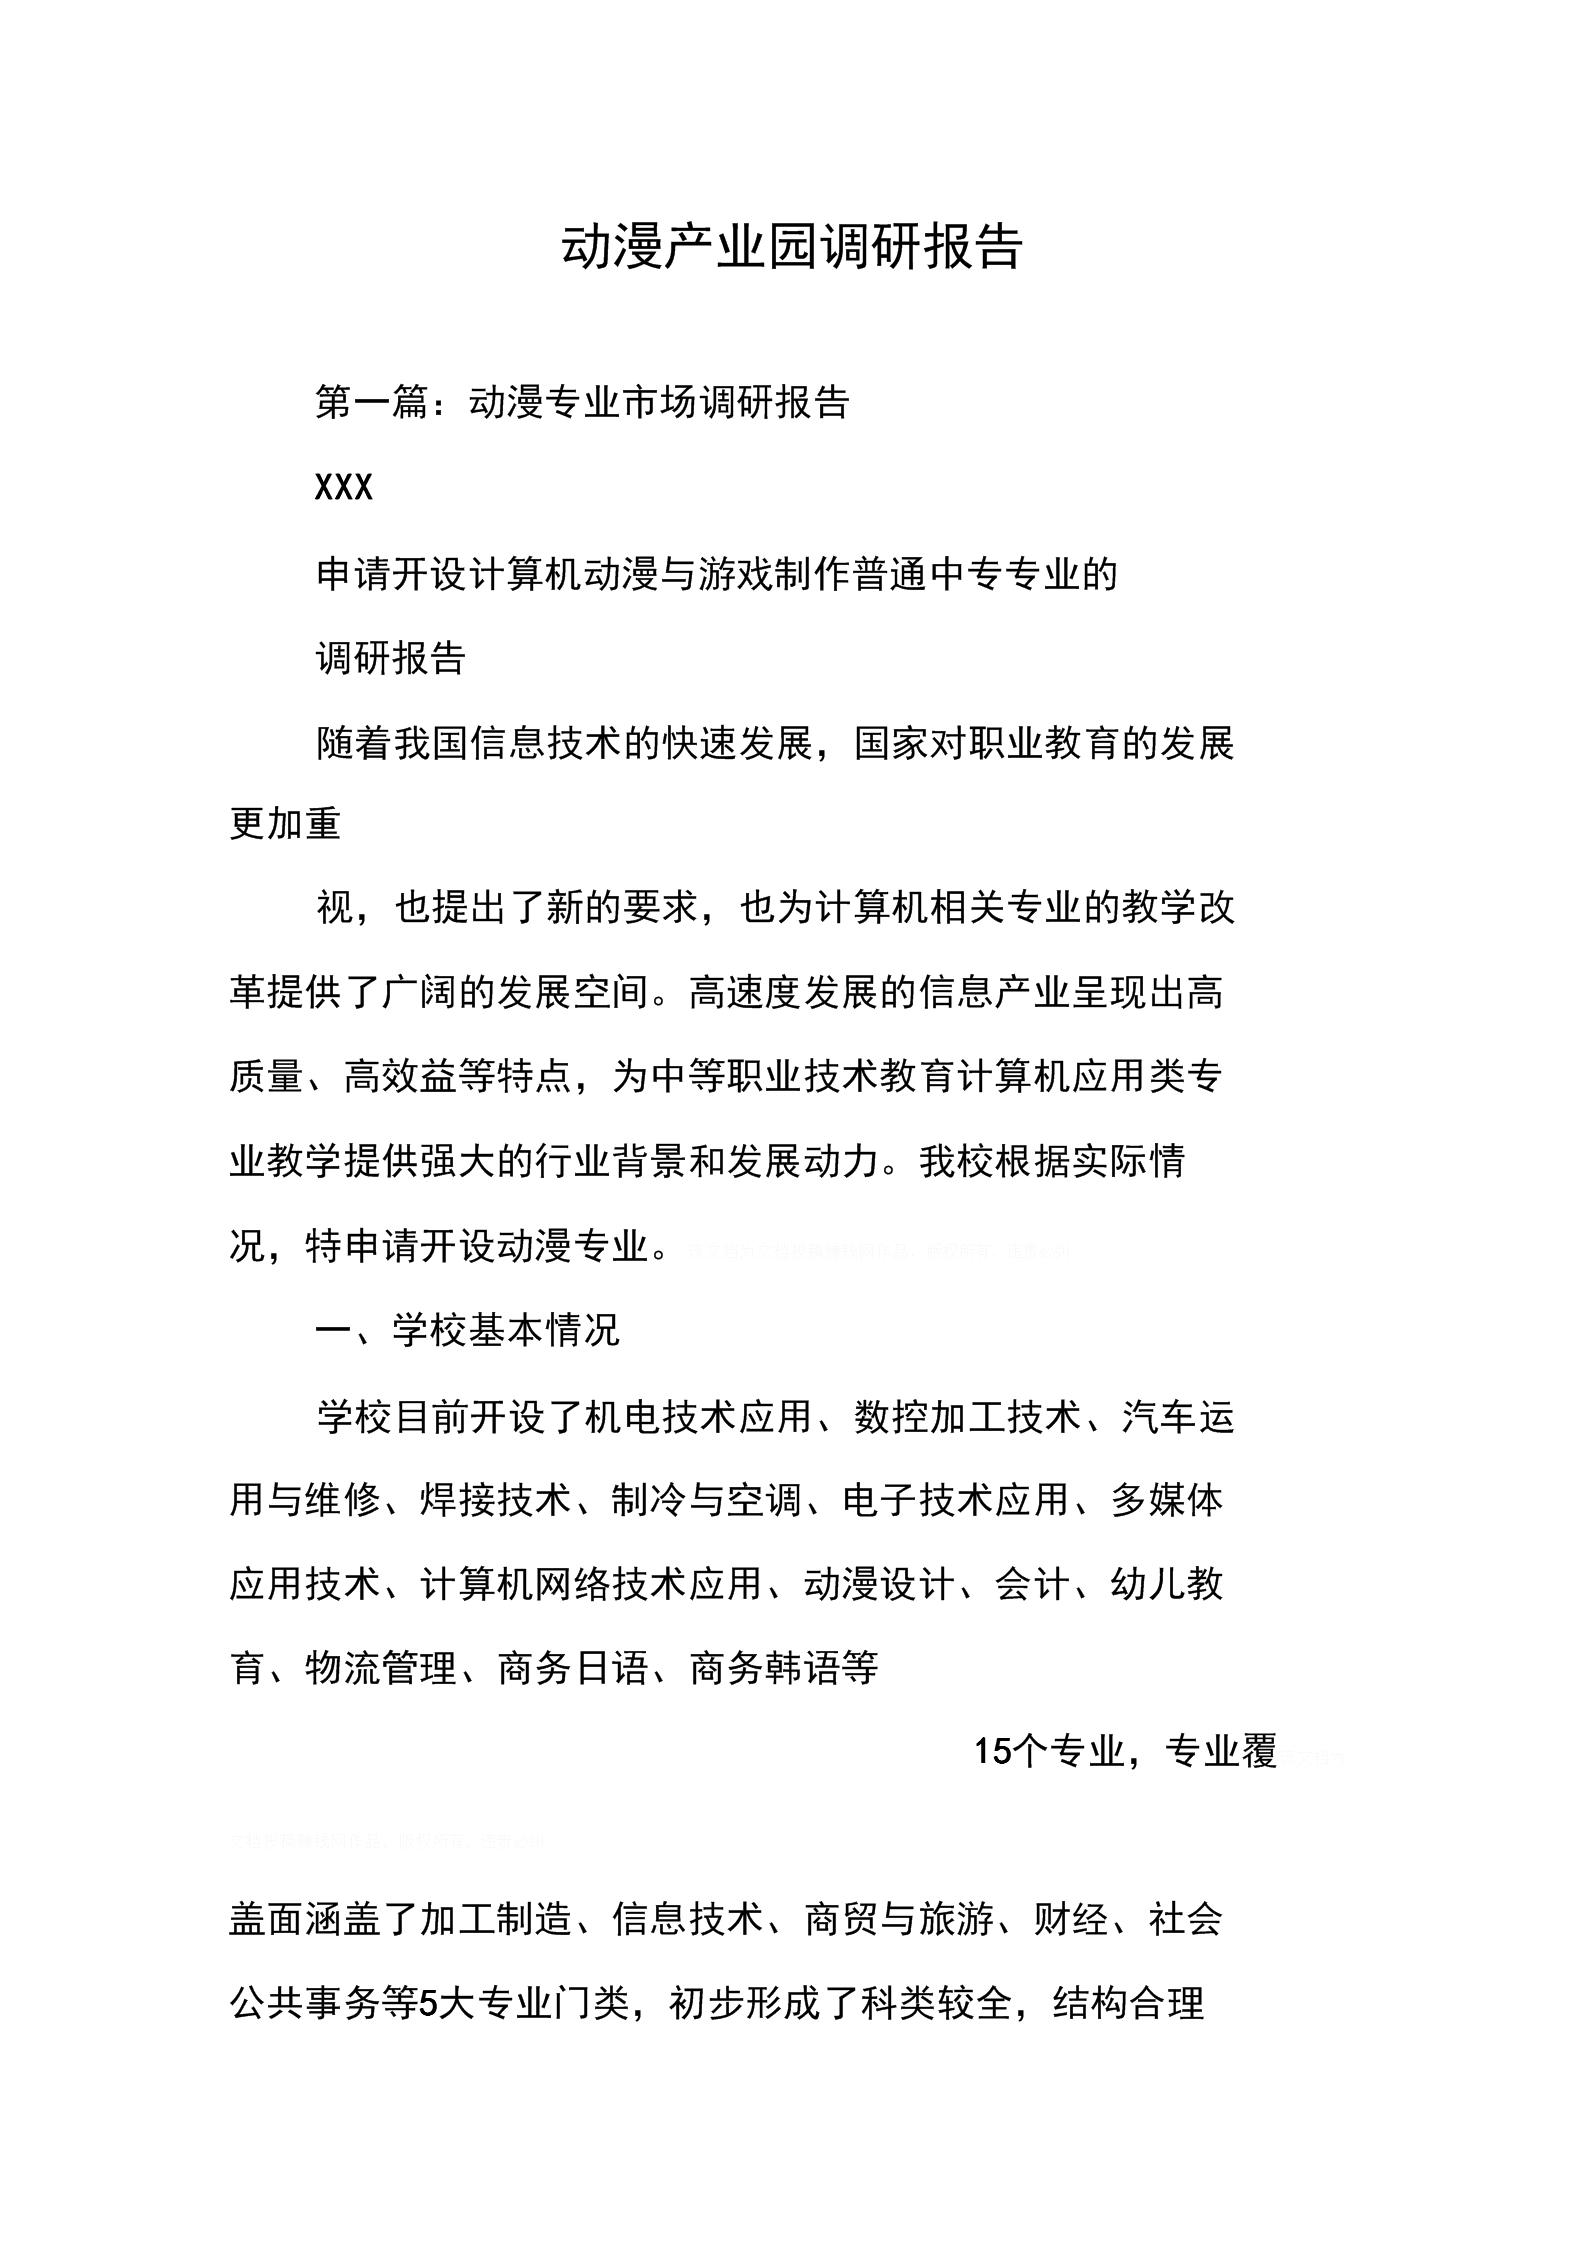 动漫产业园调研报告.docx